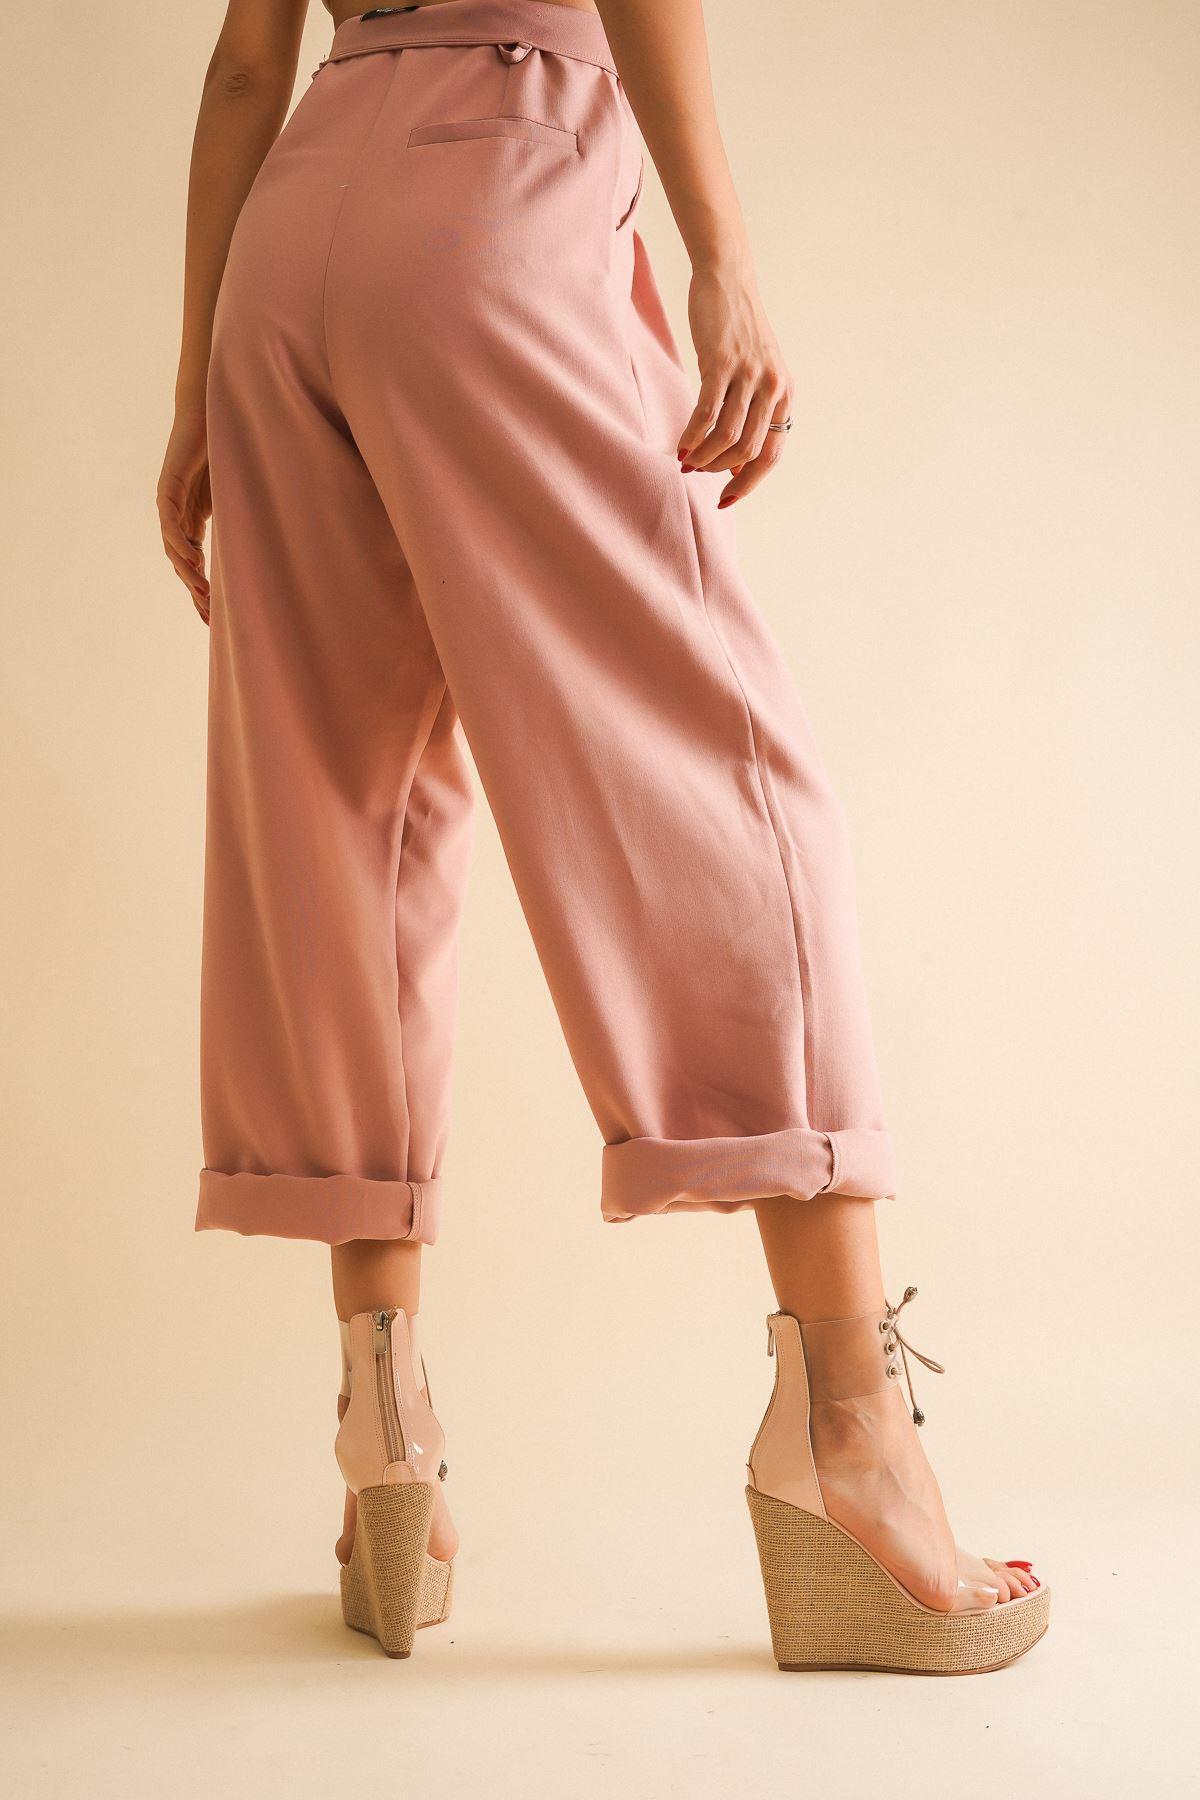 Browse Hasır Ten Cilt Dolgu Topuklu Kadın Ayakkabı